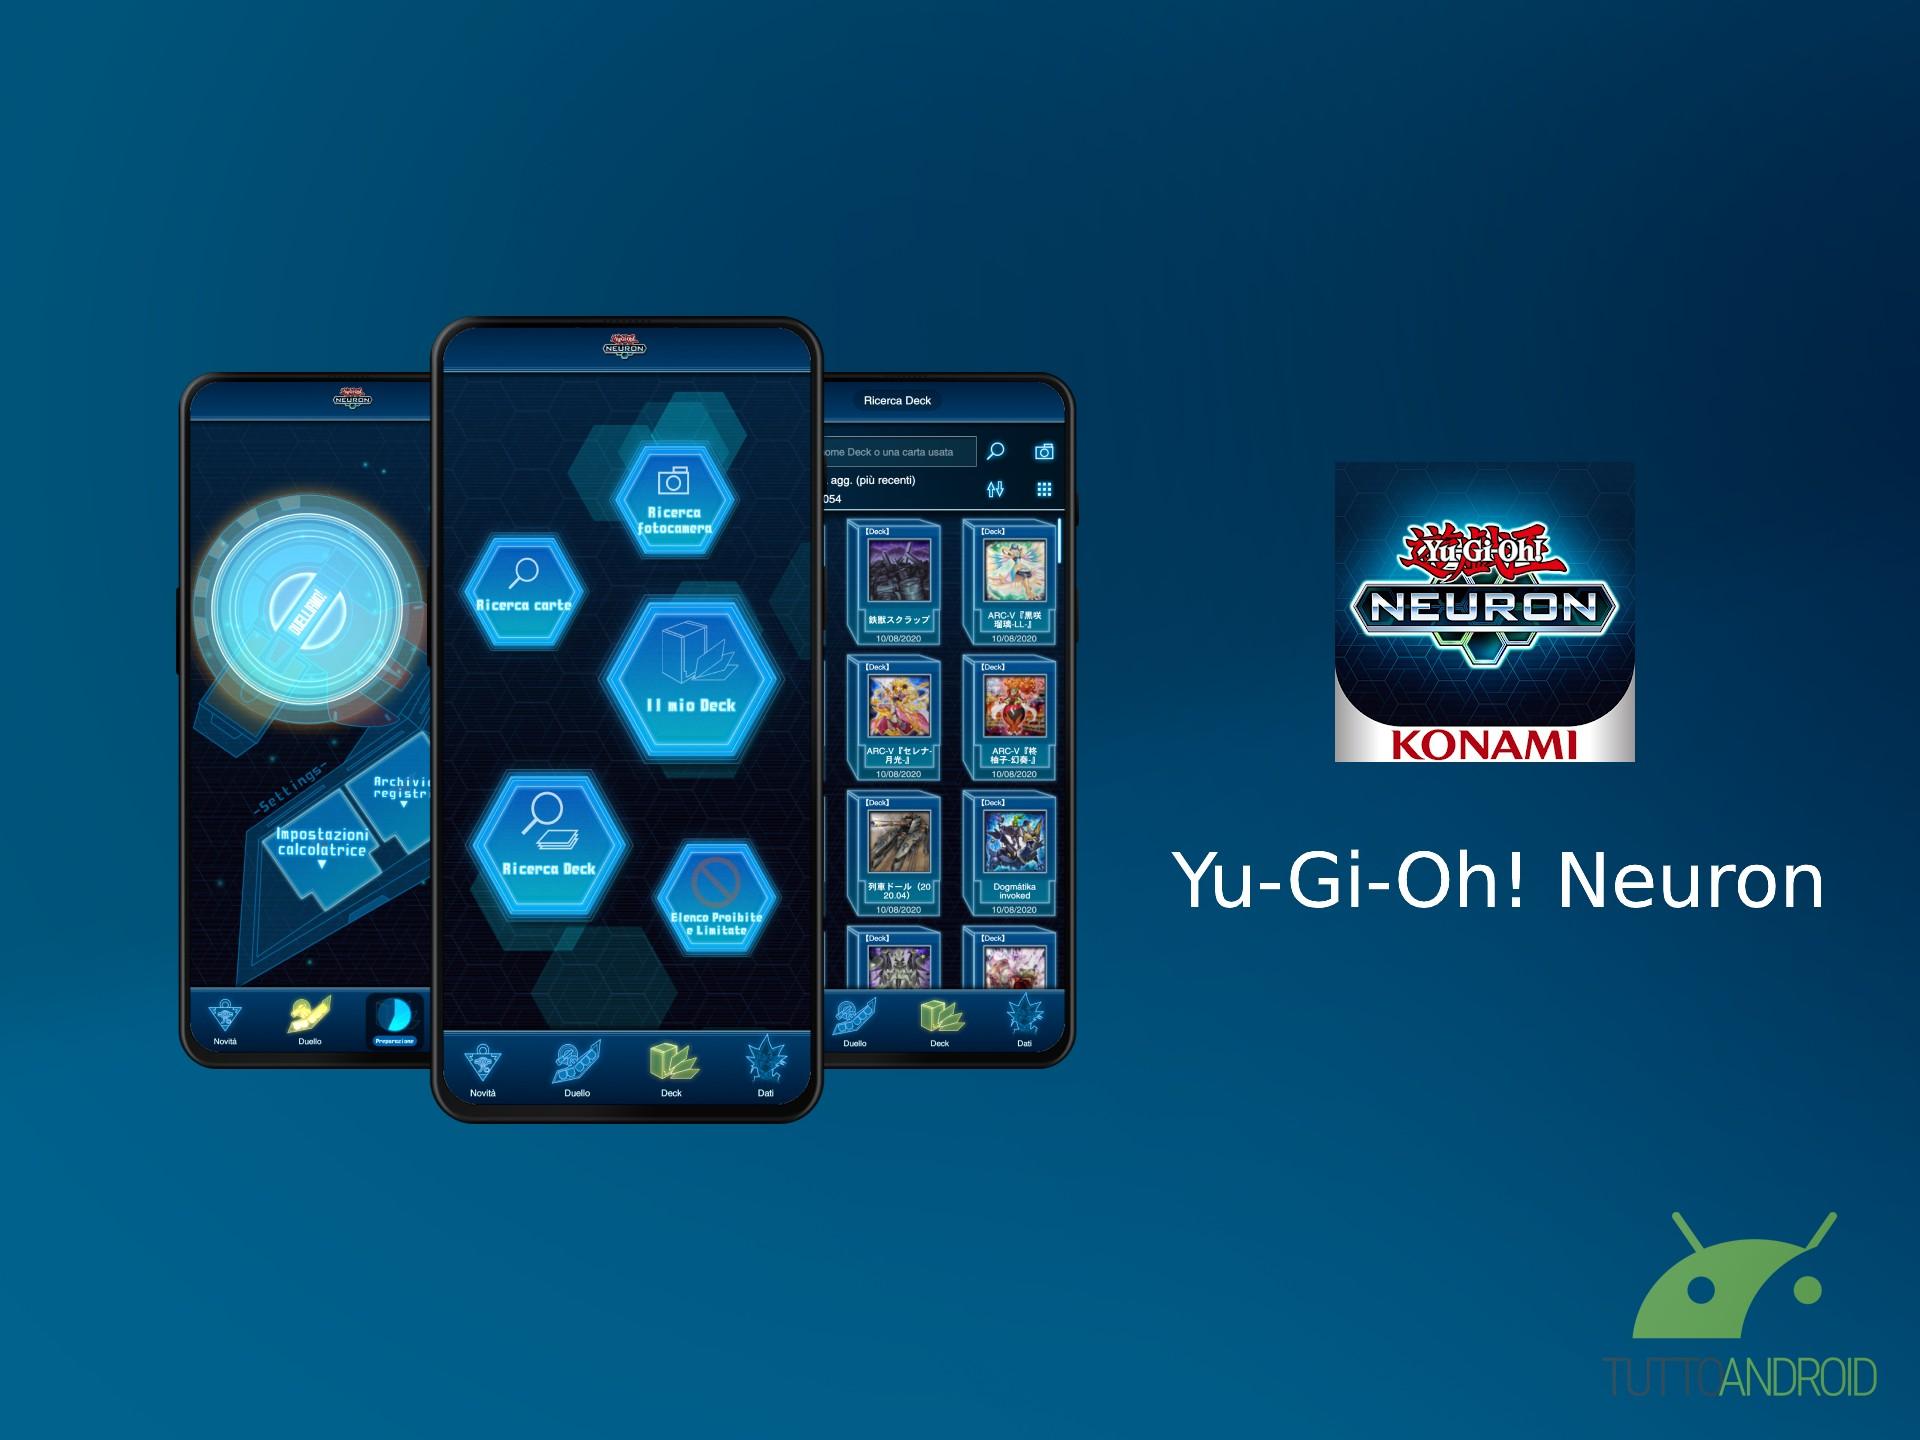 La companion app Yu Gi Oh! Neuron facilita la gestione dei Deck